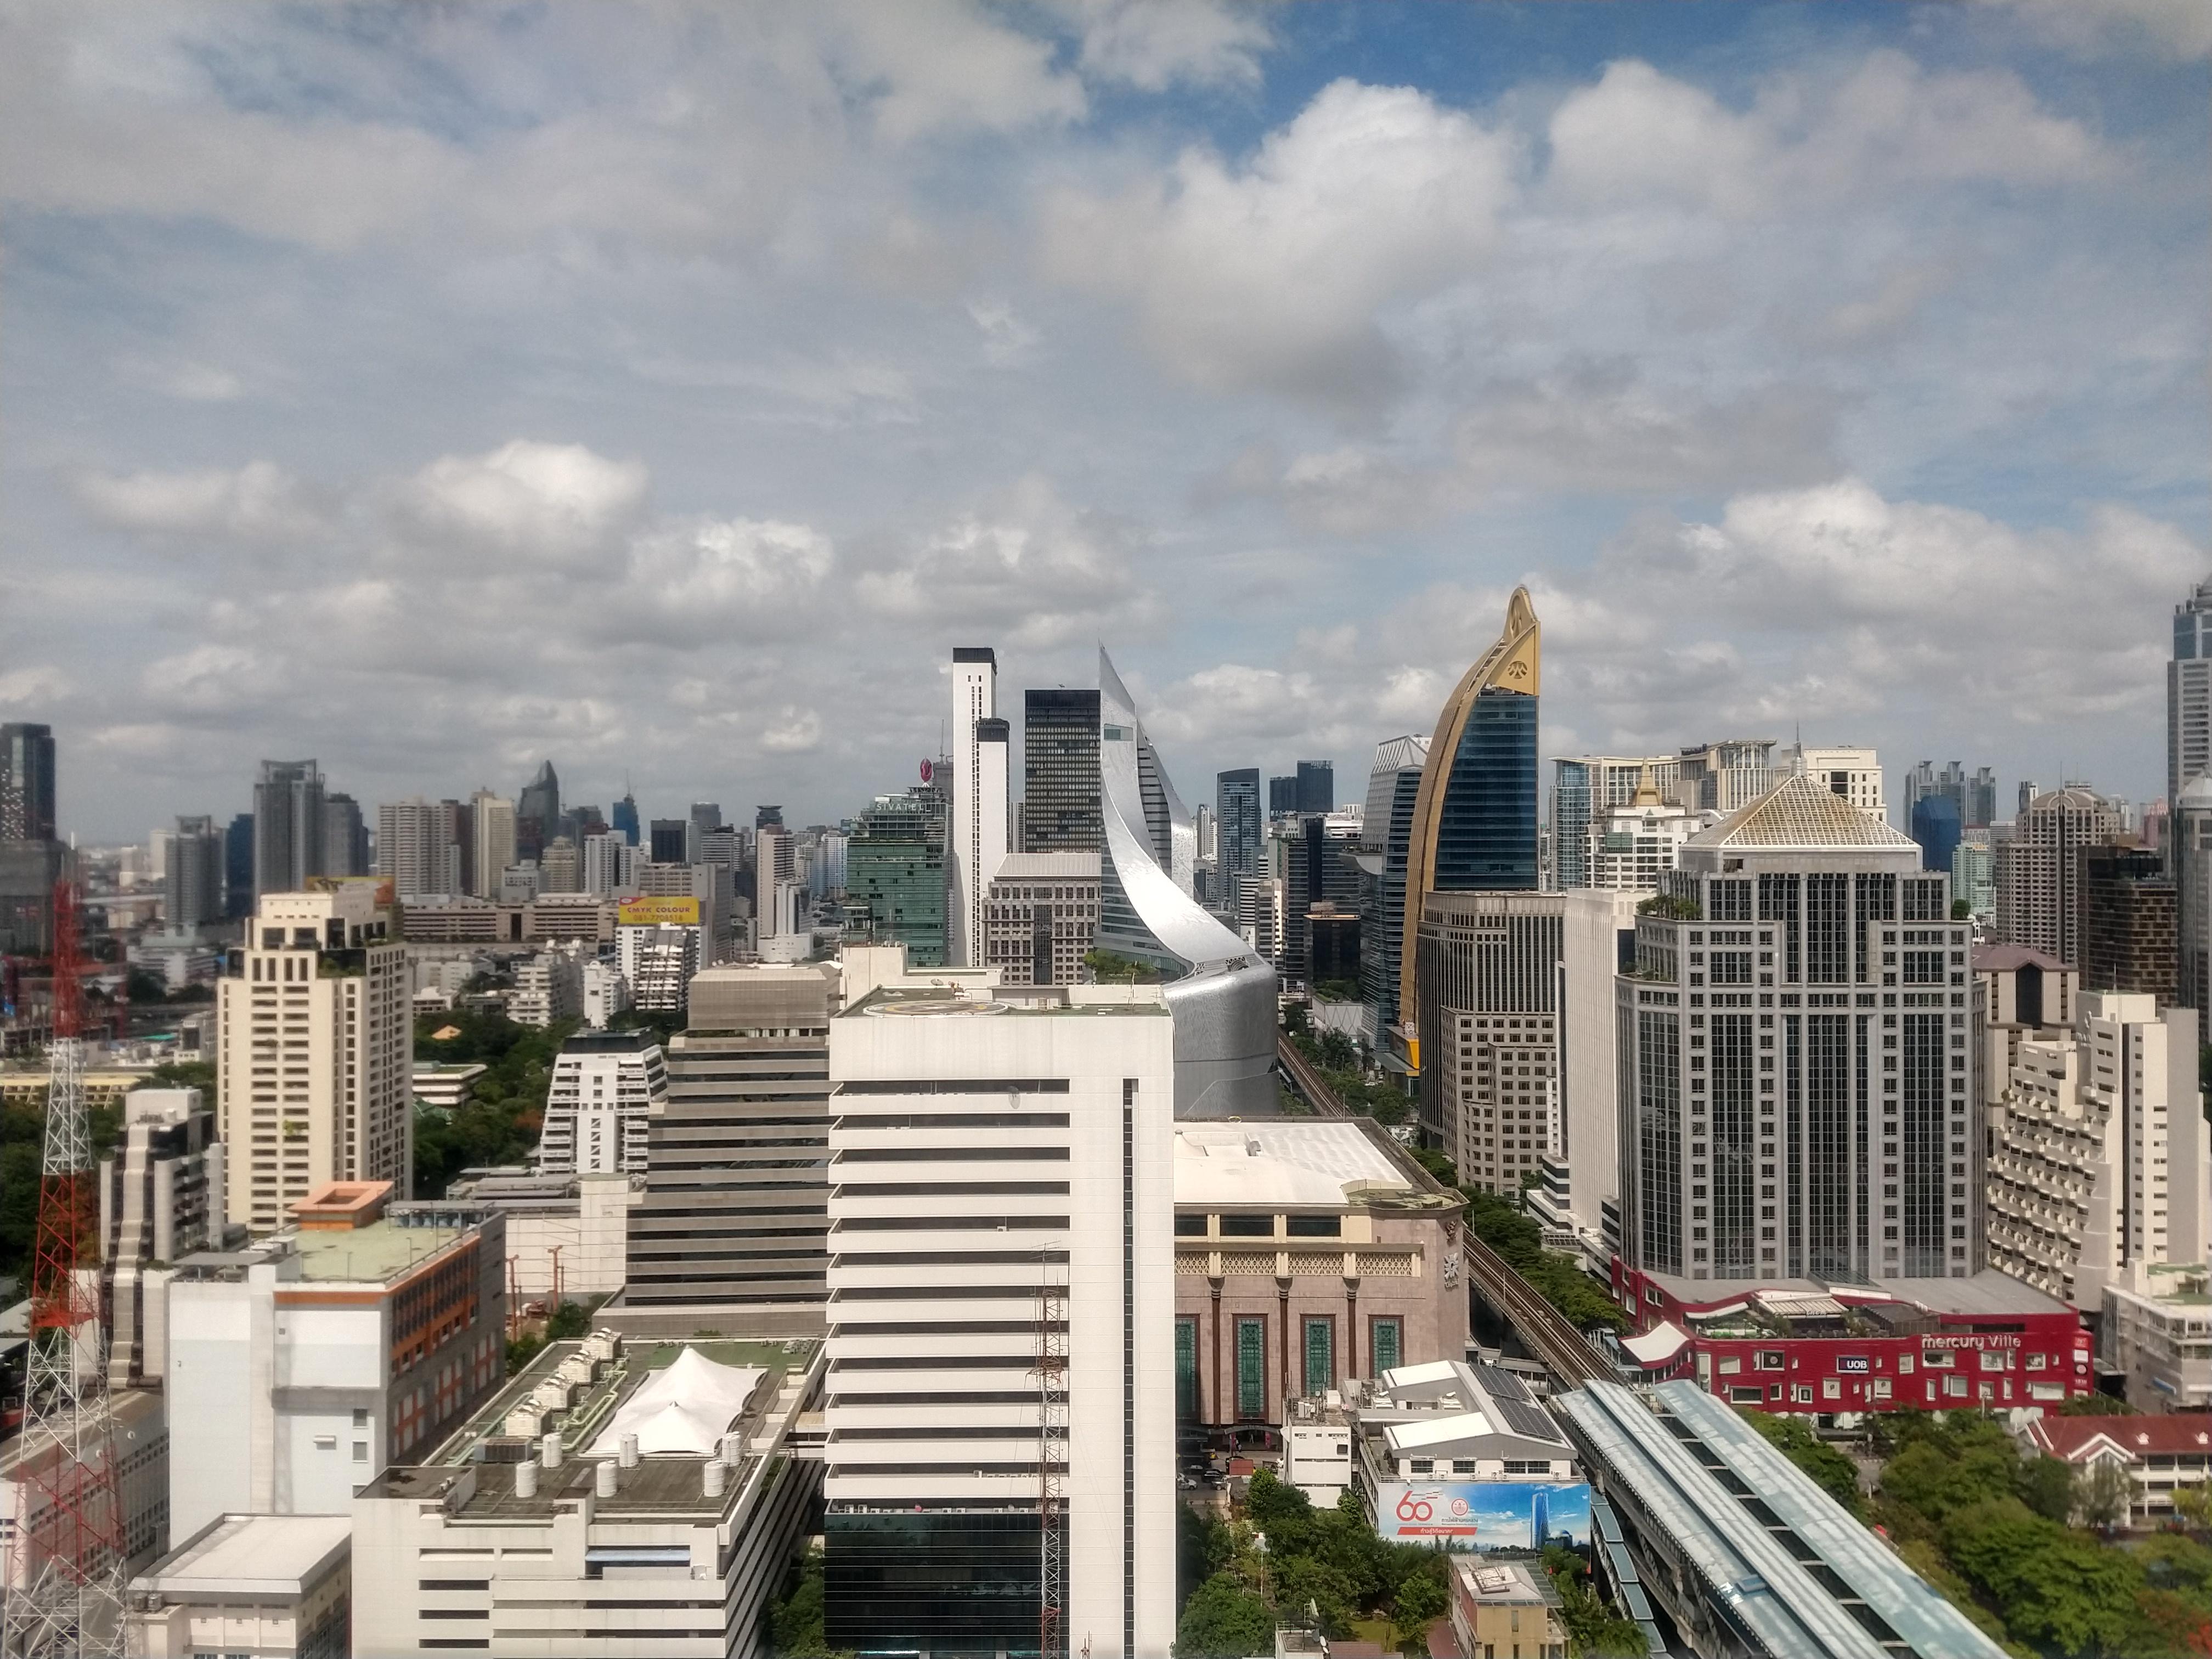 ビルの高層階から街並みを撮影。やや色味が大人しい印象もあるが、写真周囲の歪みも少ない仕上がり